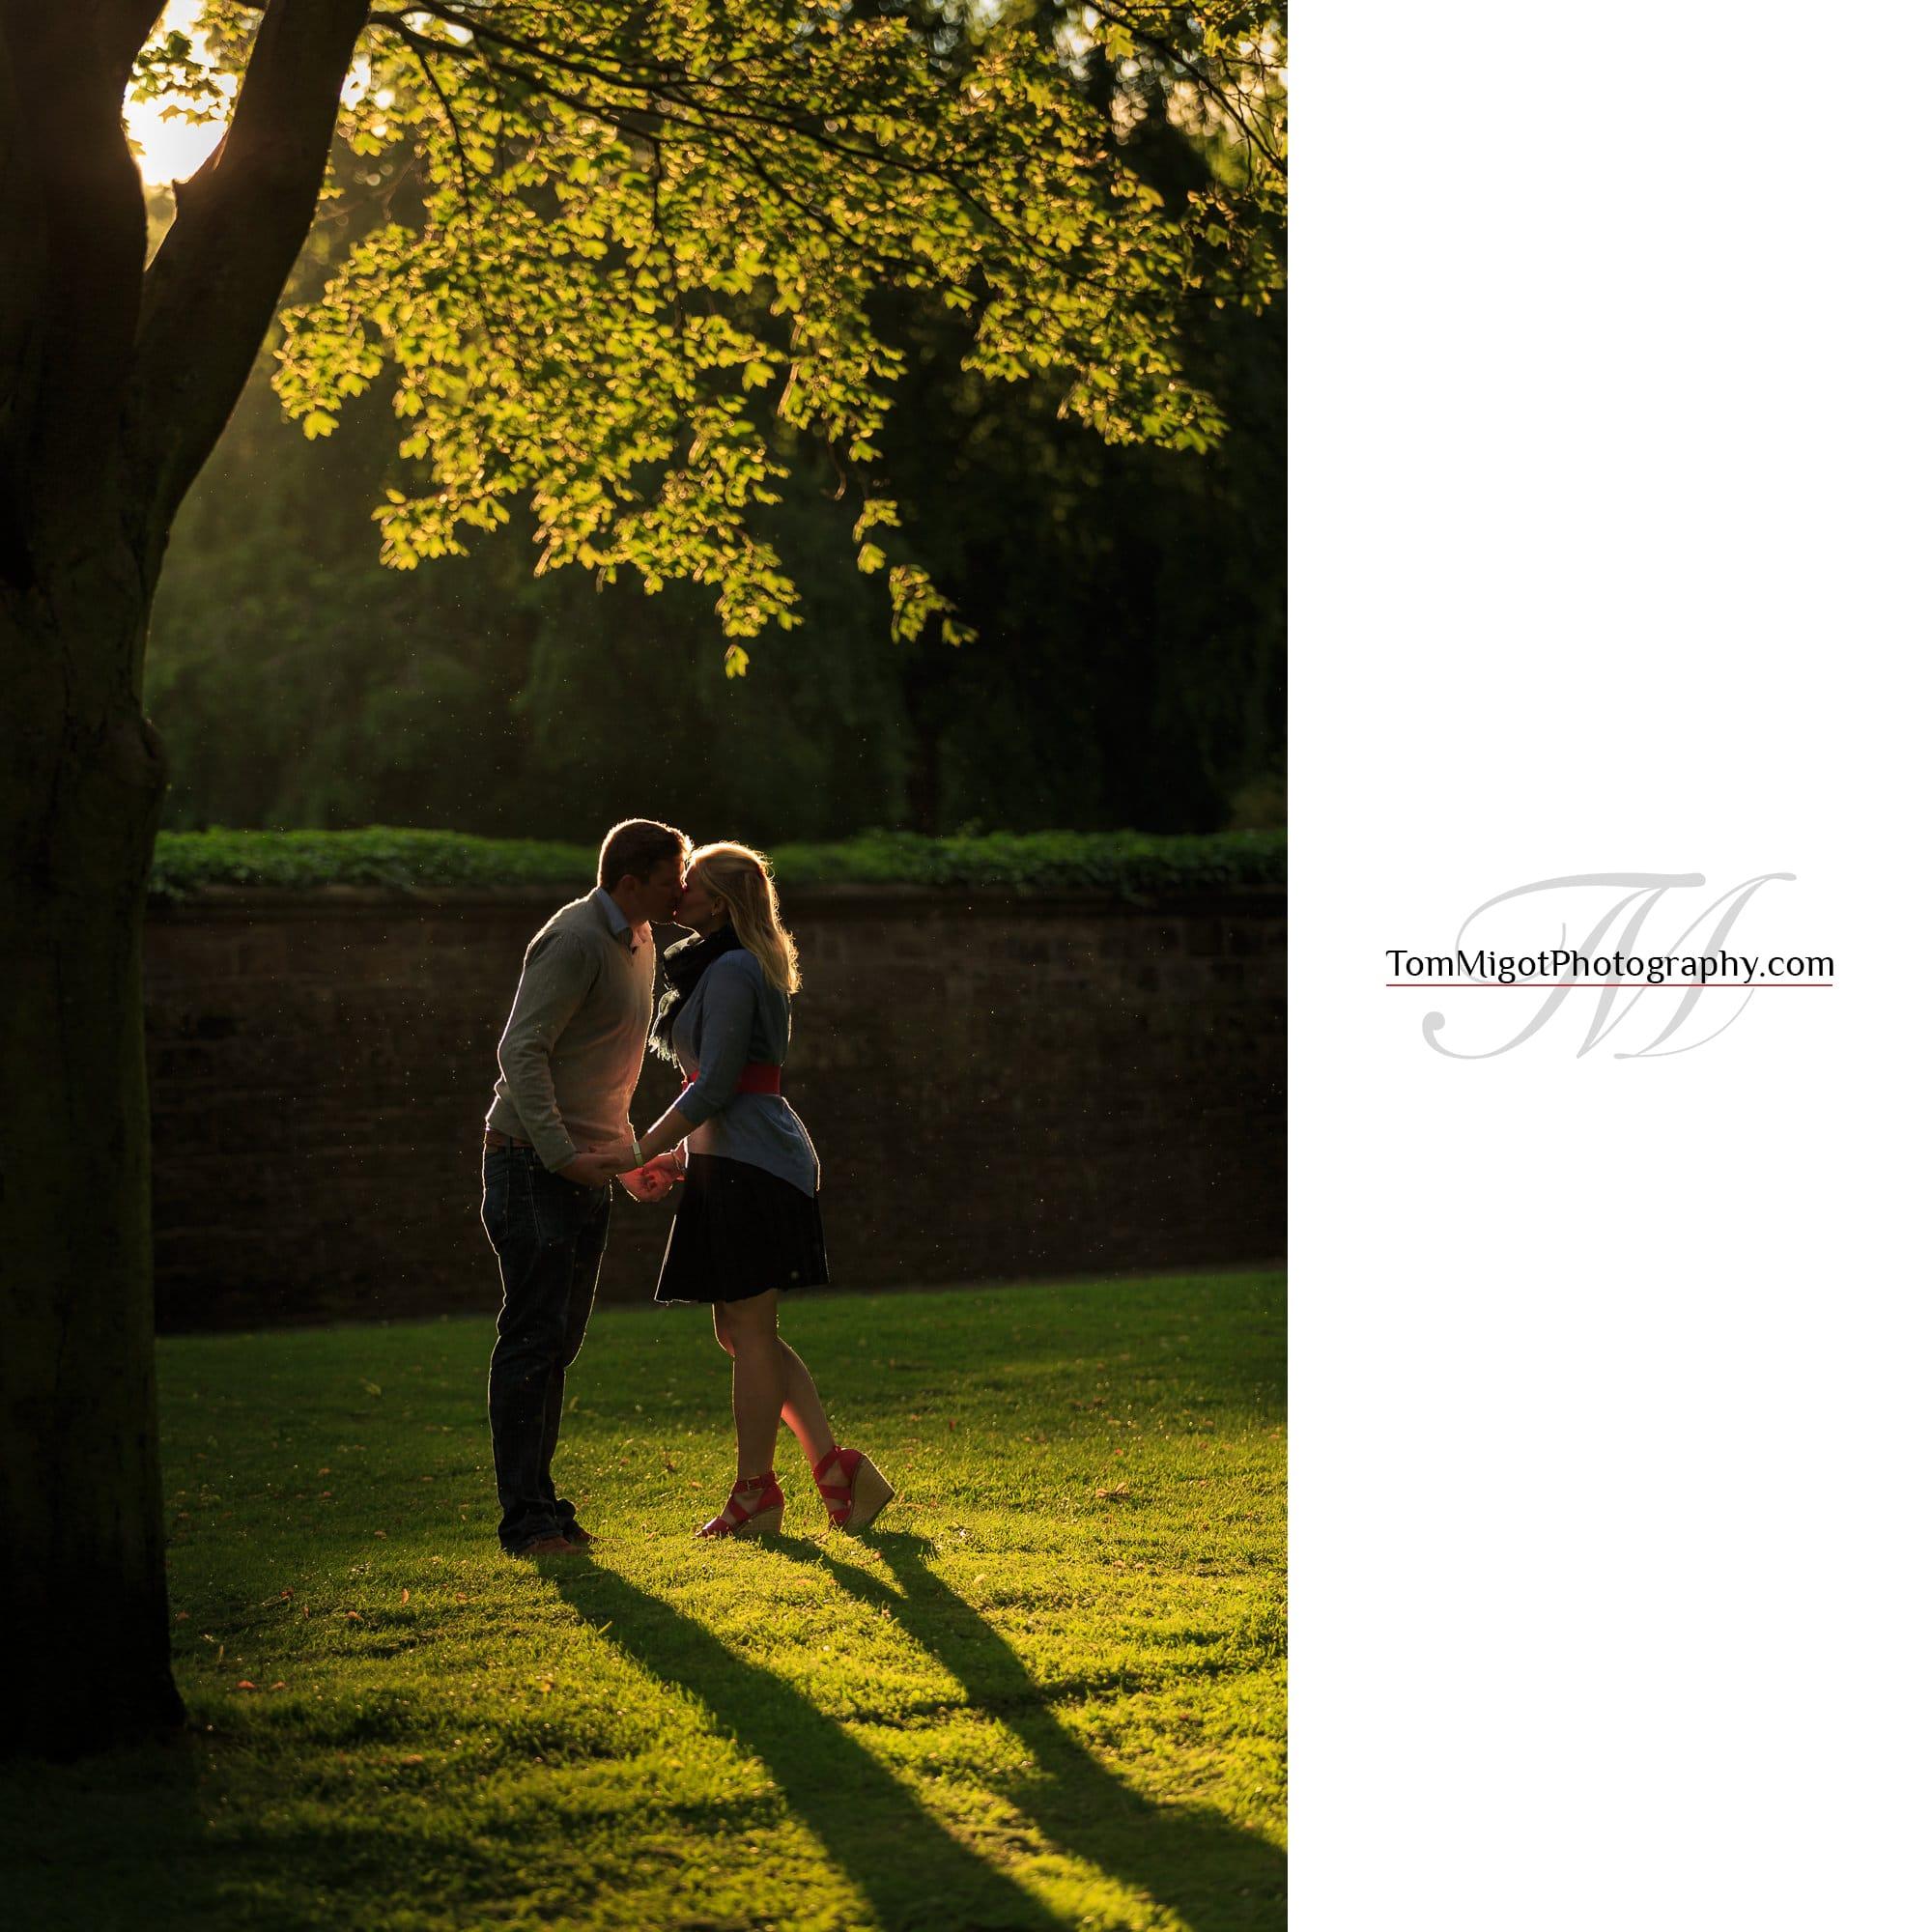 séance d'avant mariage dans le parc d'Holyrood à Edimbourg en Ecosse